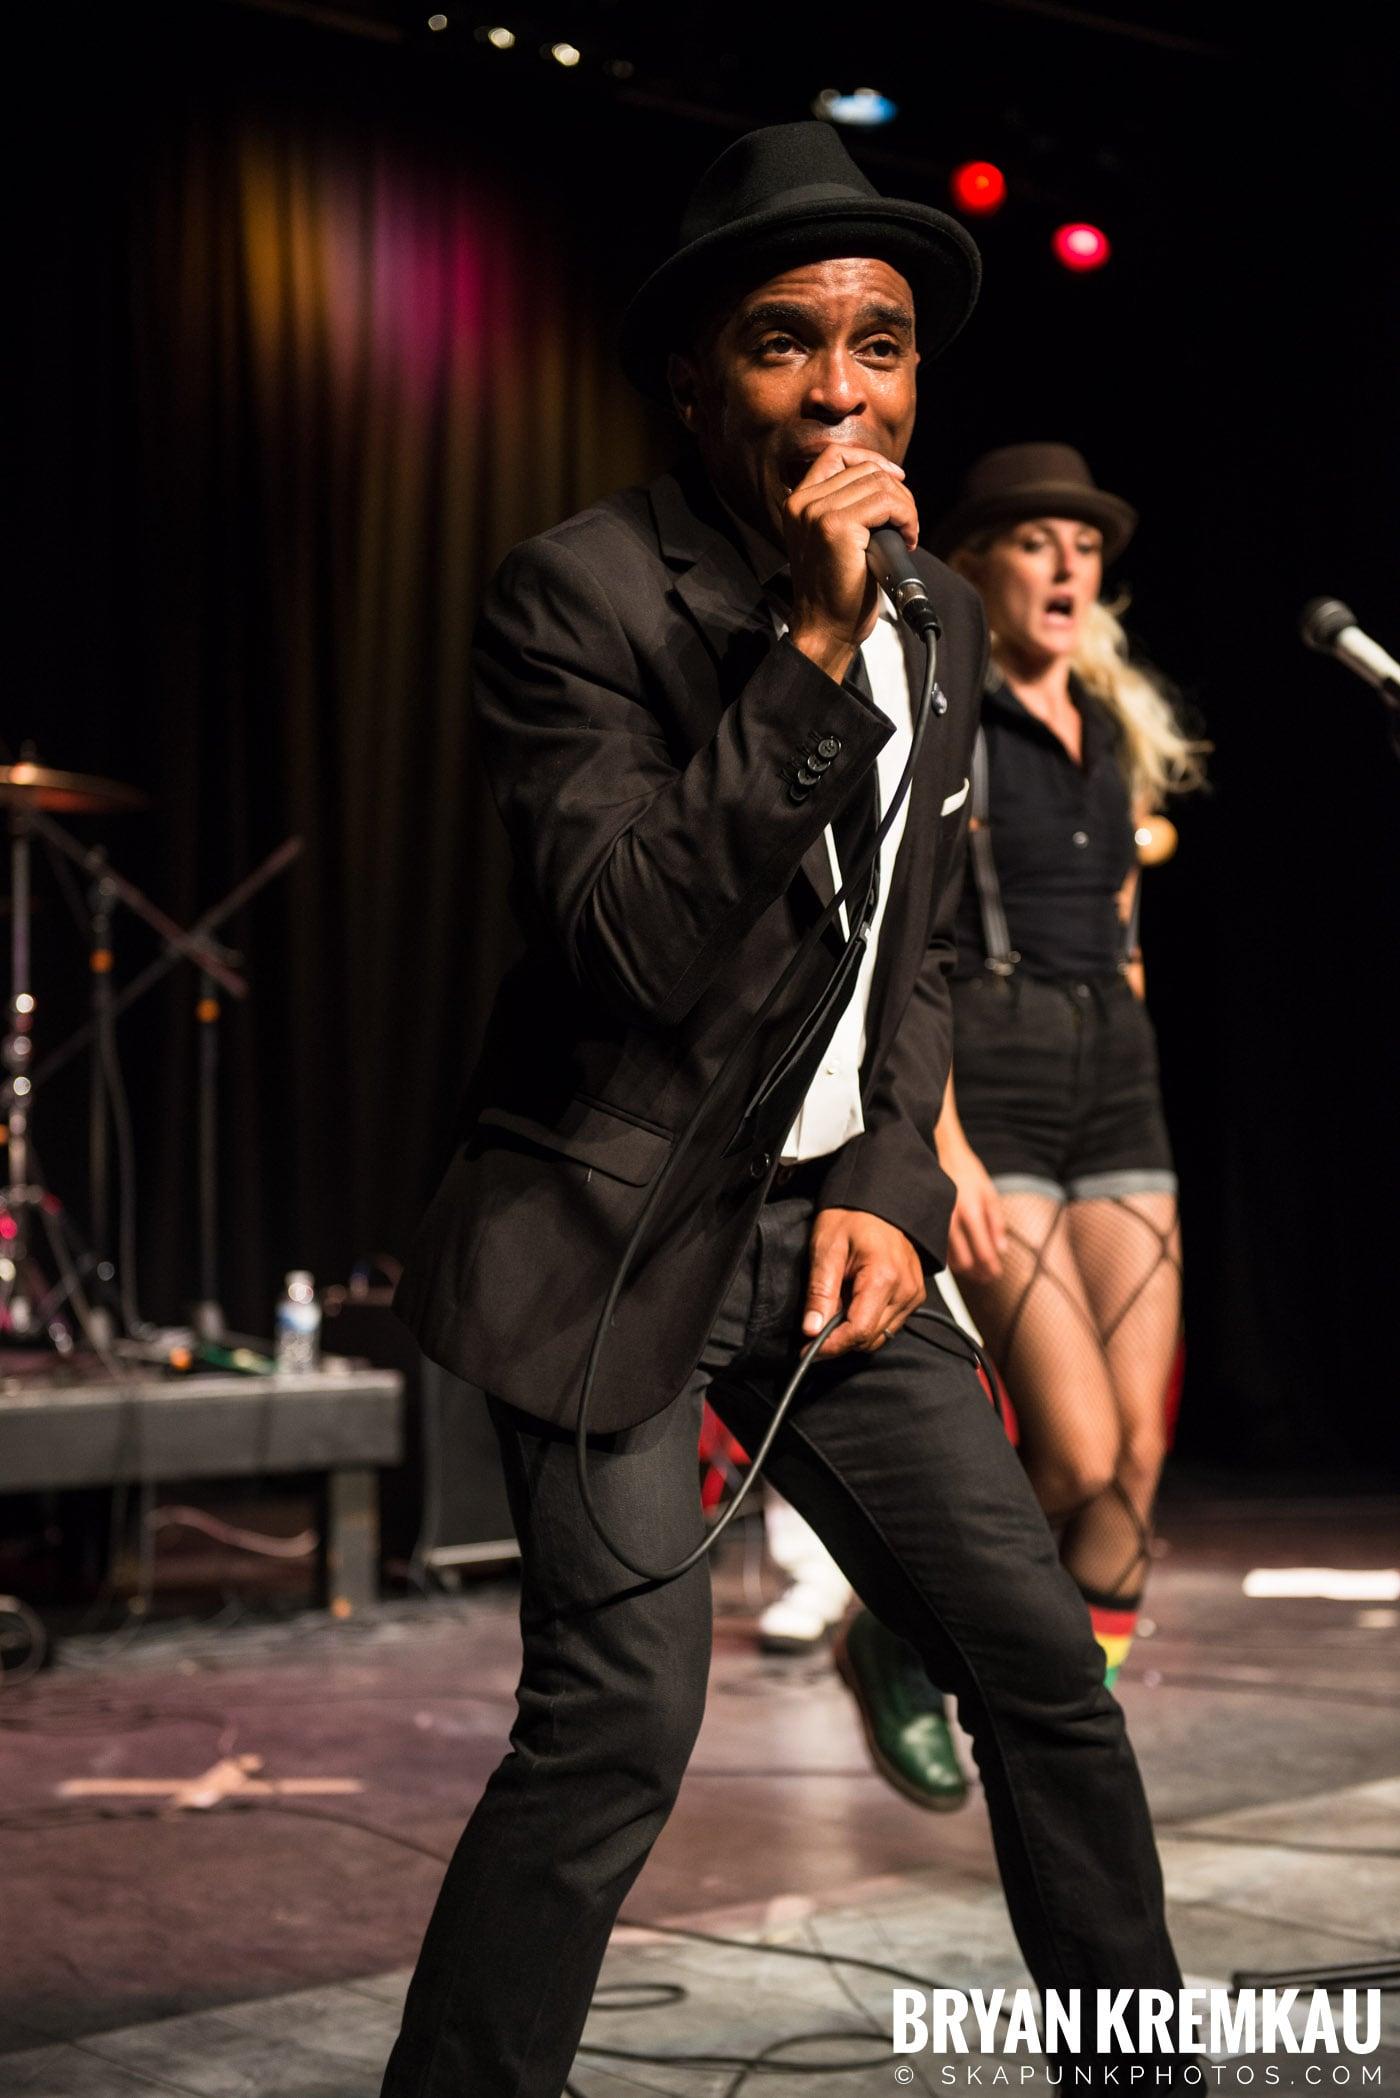 Rude Boy George @ Oskar Schindler Performing Arts Center, West Orange, NJ - 8.19.17 (8)